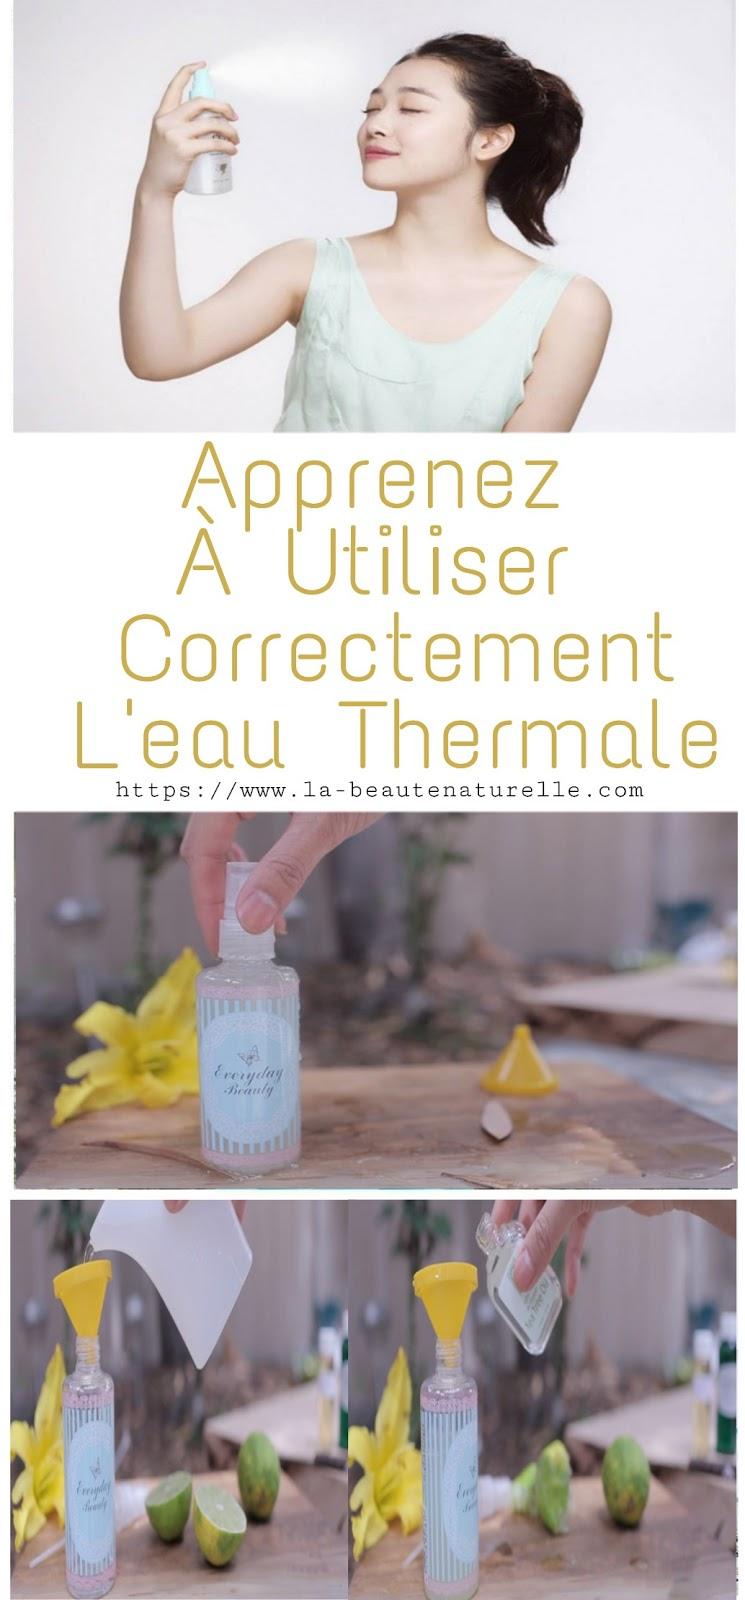 Apprenez À Utiliser Correctement L'eau Thermale